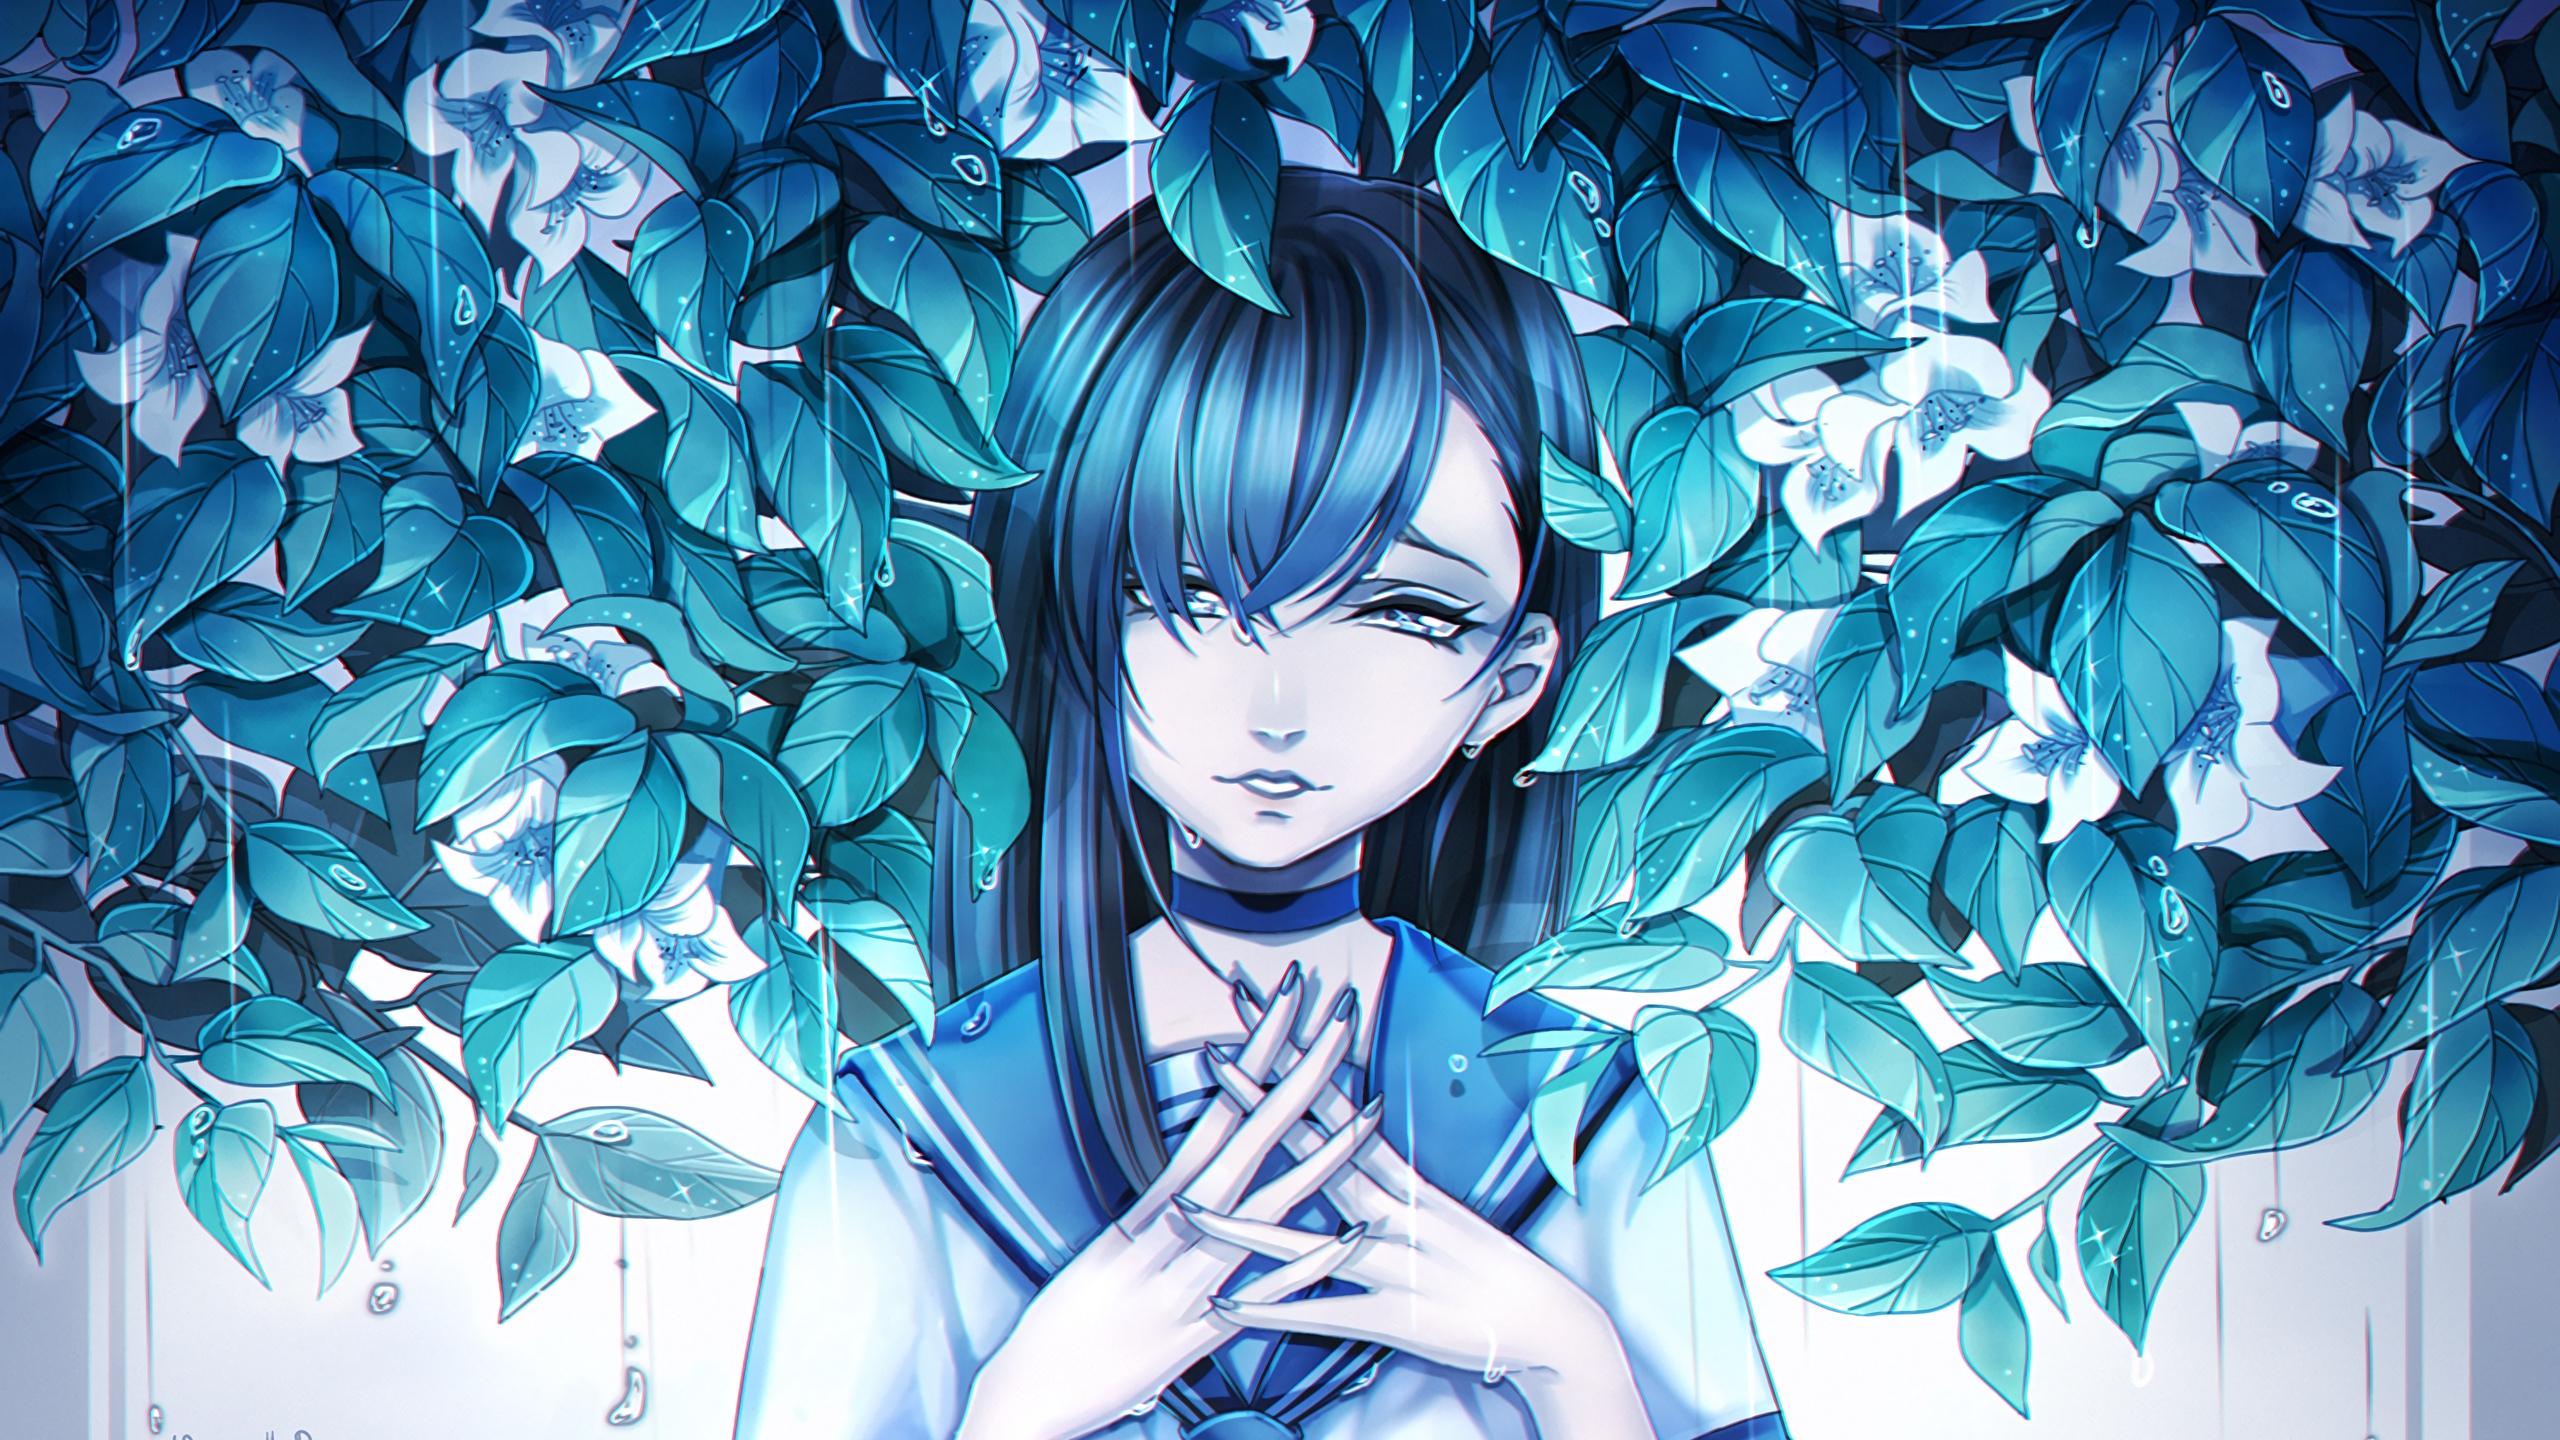 Wallpaper Girl, Anime, Sadness, Leaves, Art - Anime Art Girl Sad - HD Wallpaper